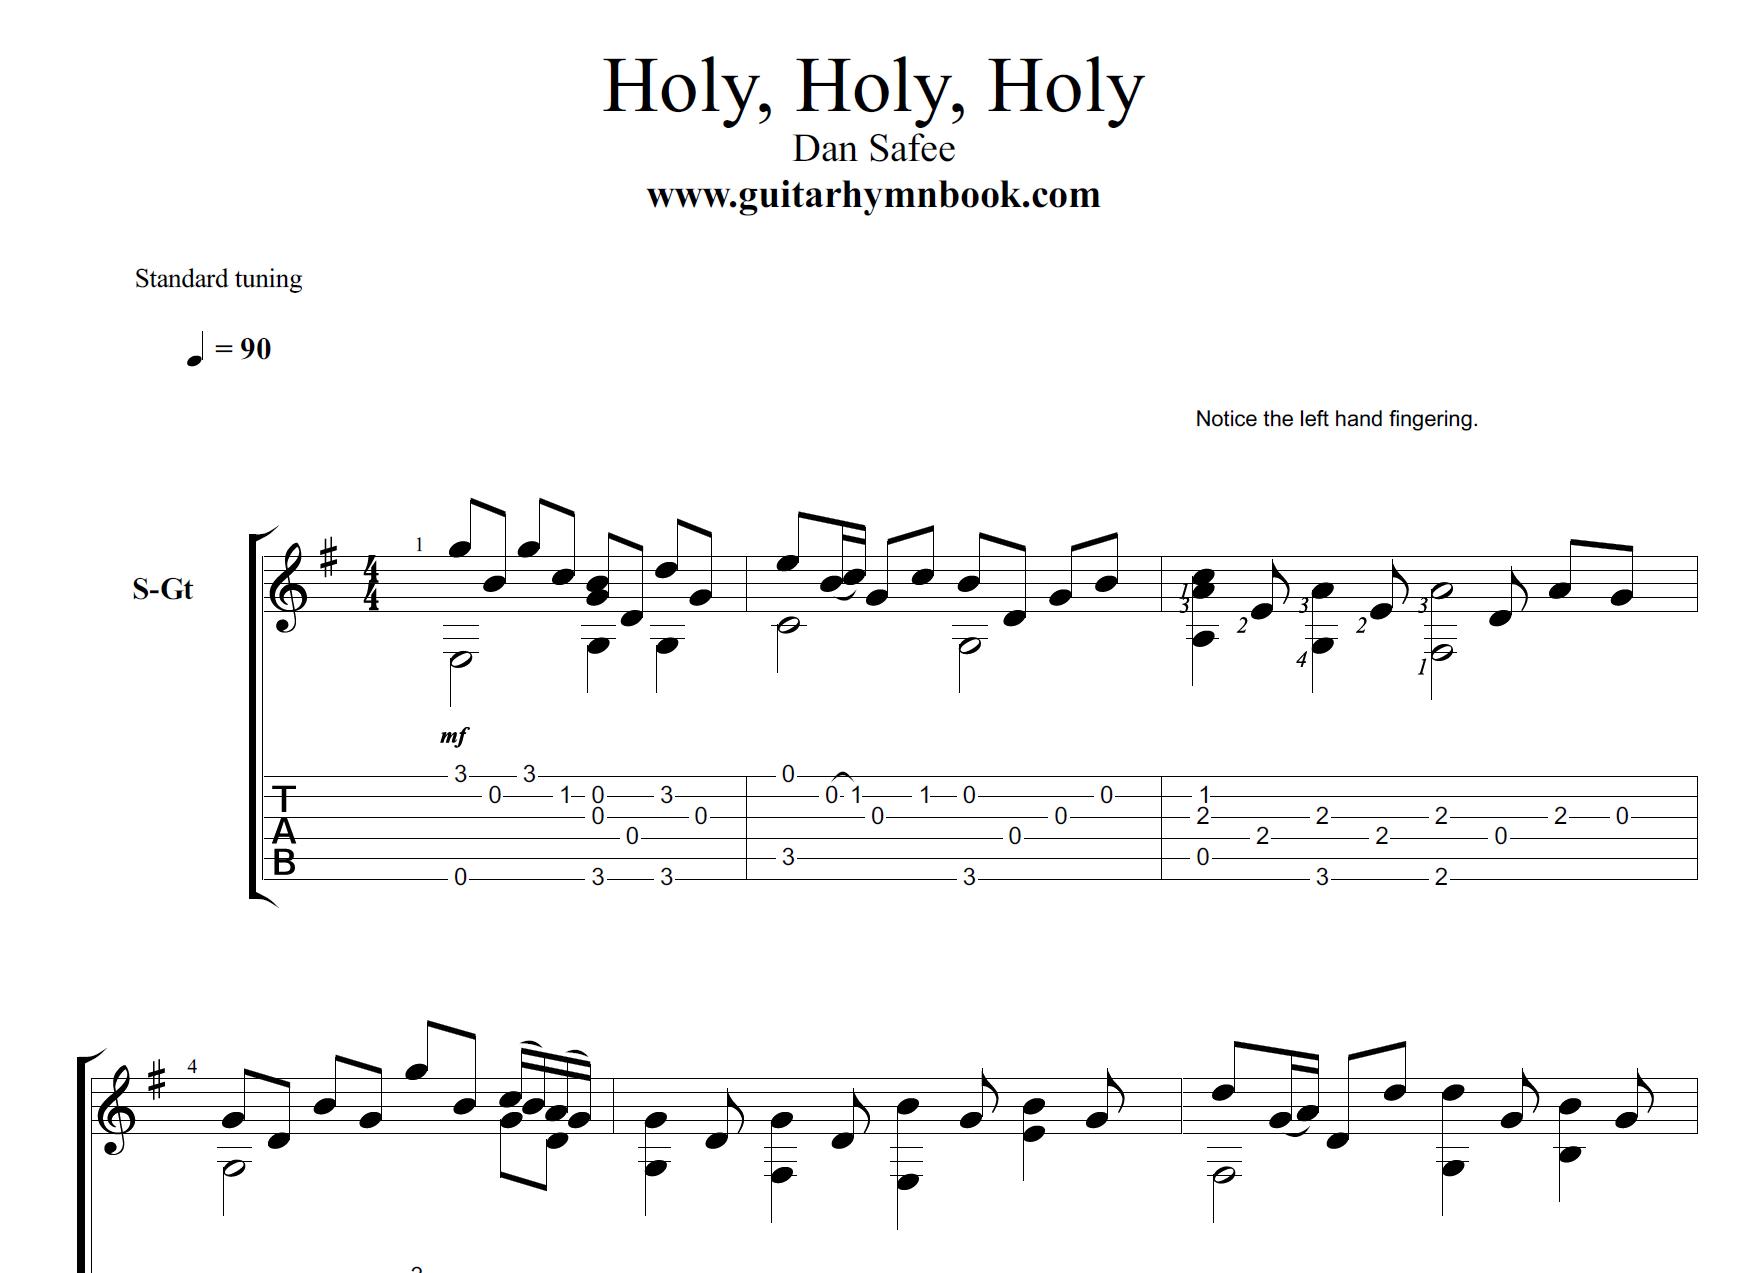 Guitar Hymn Book